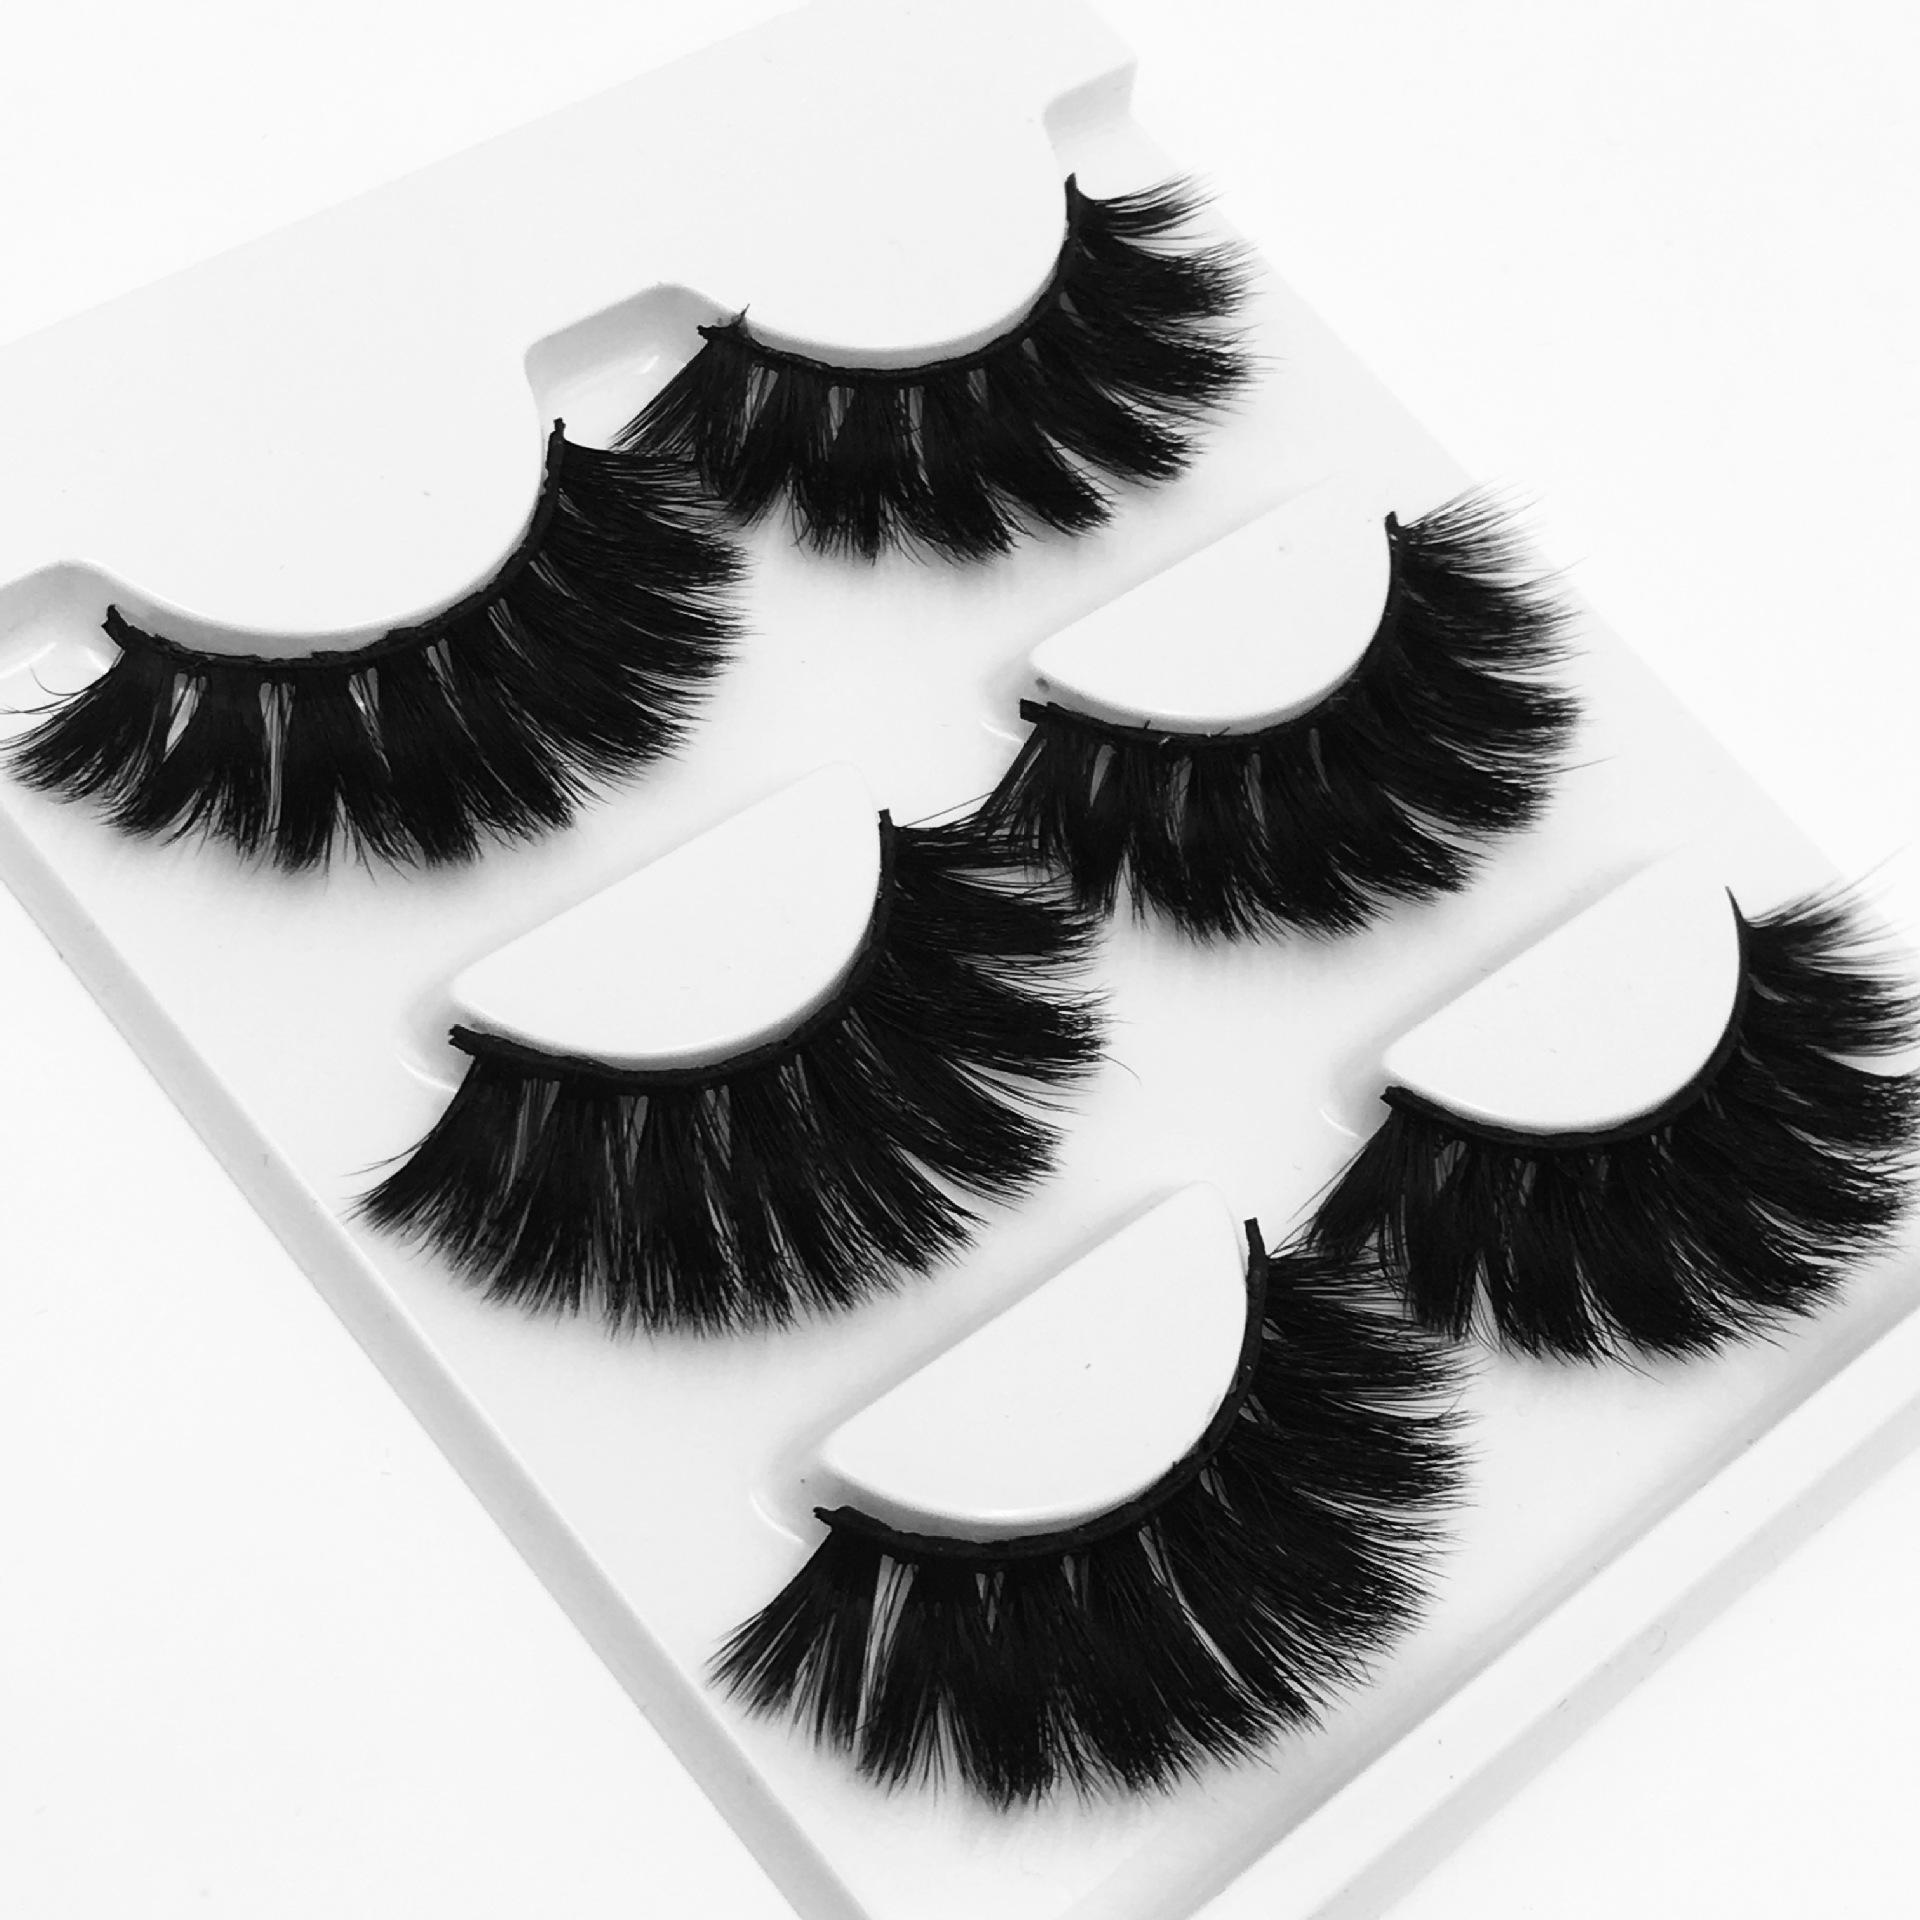 25mm 3D falsche Wimpern gefälschte Wimpern langes Make-up 3D Nerz Wimpern Wimpernverlängerung Nerz Wimpern Schönheit Make-up-Tools